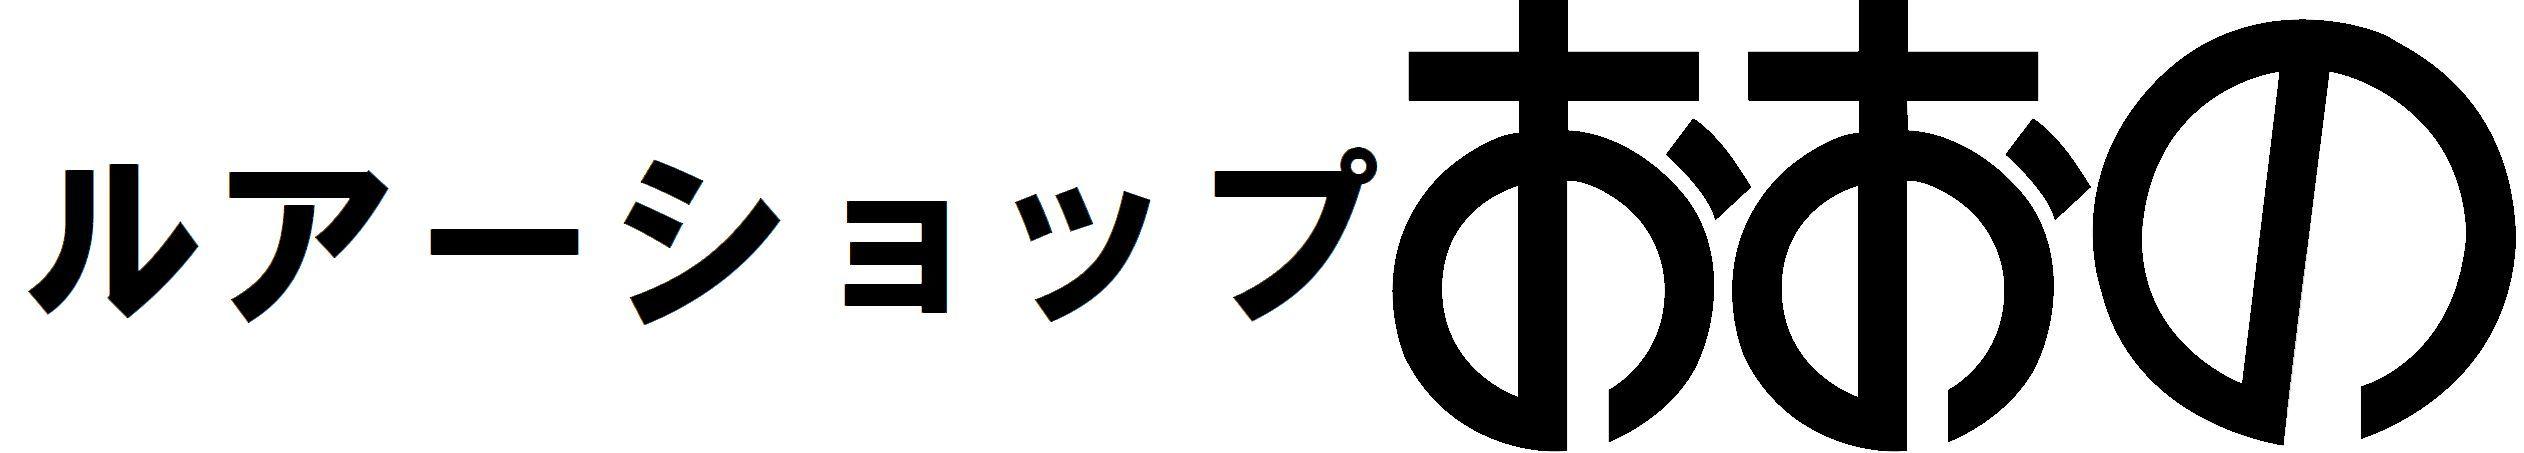 [雷魚]おおのスネークヘッド フォトダービー2020 結果発表。_a0153216_20183929.jpg